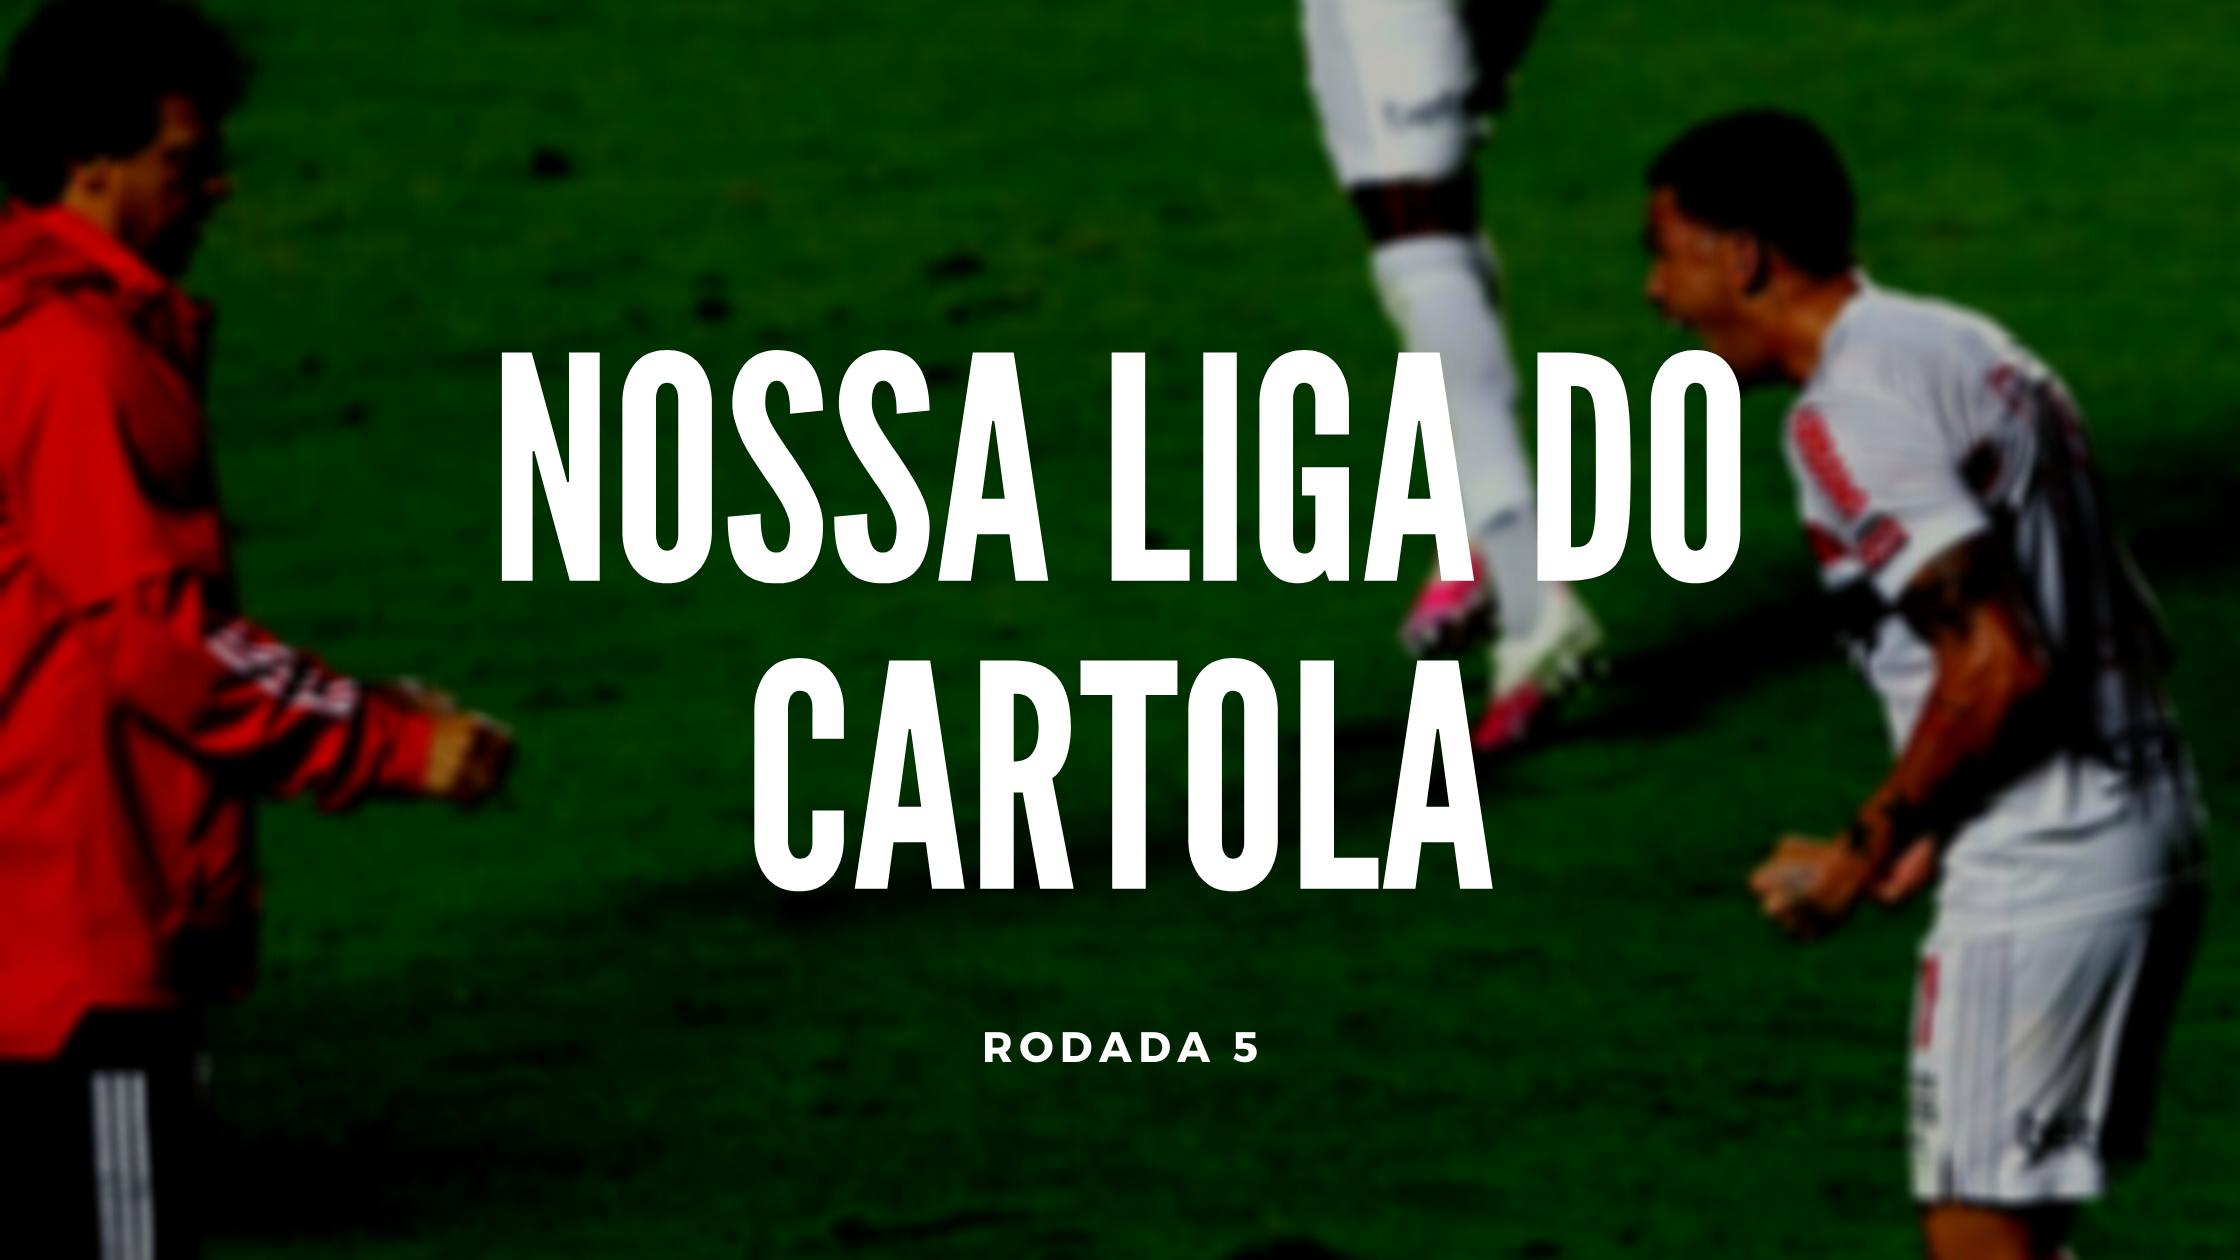 Nossa Liga do Cartola - Rodada 5